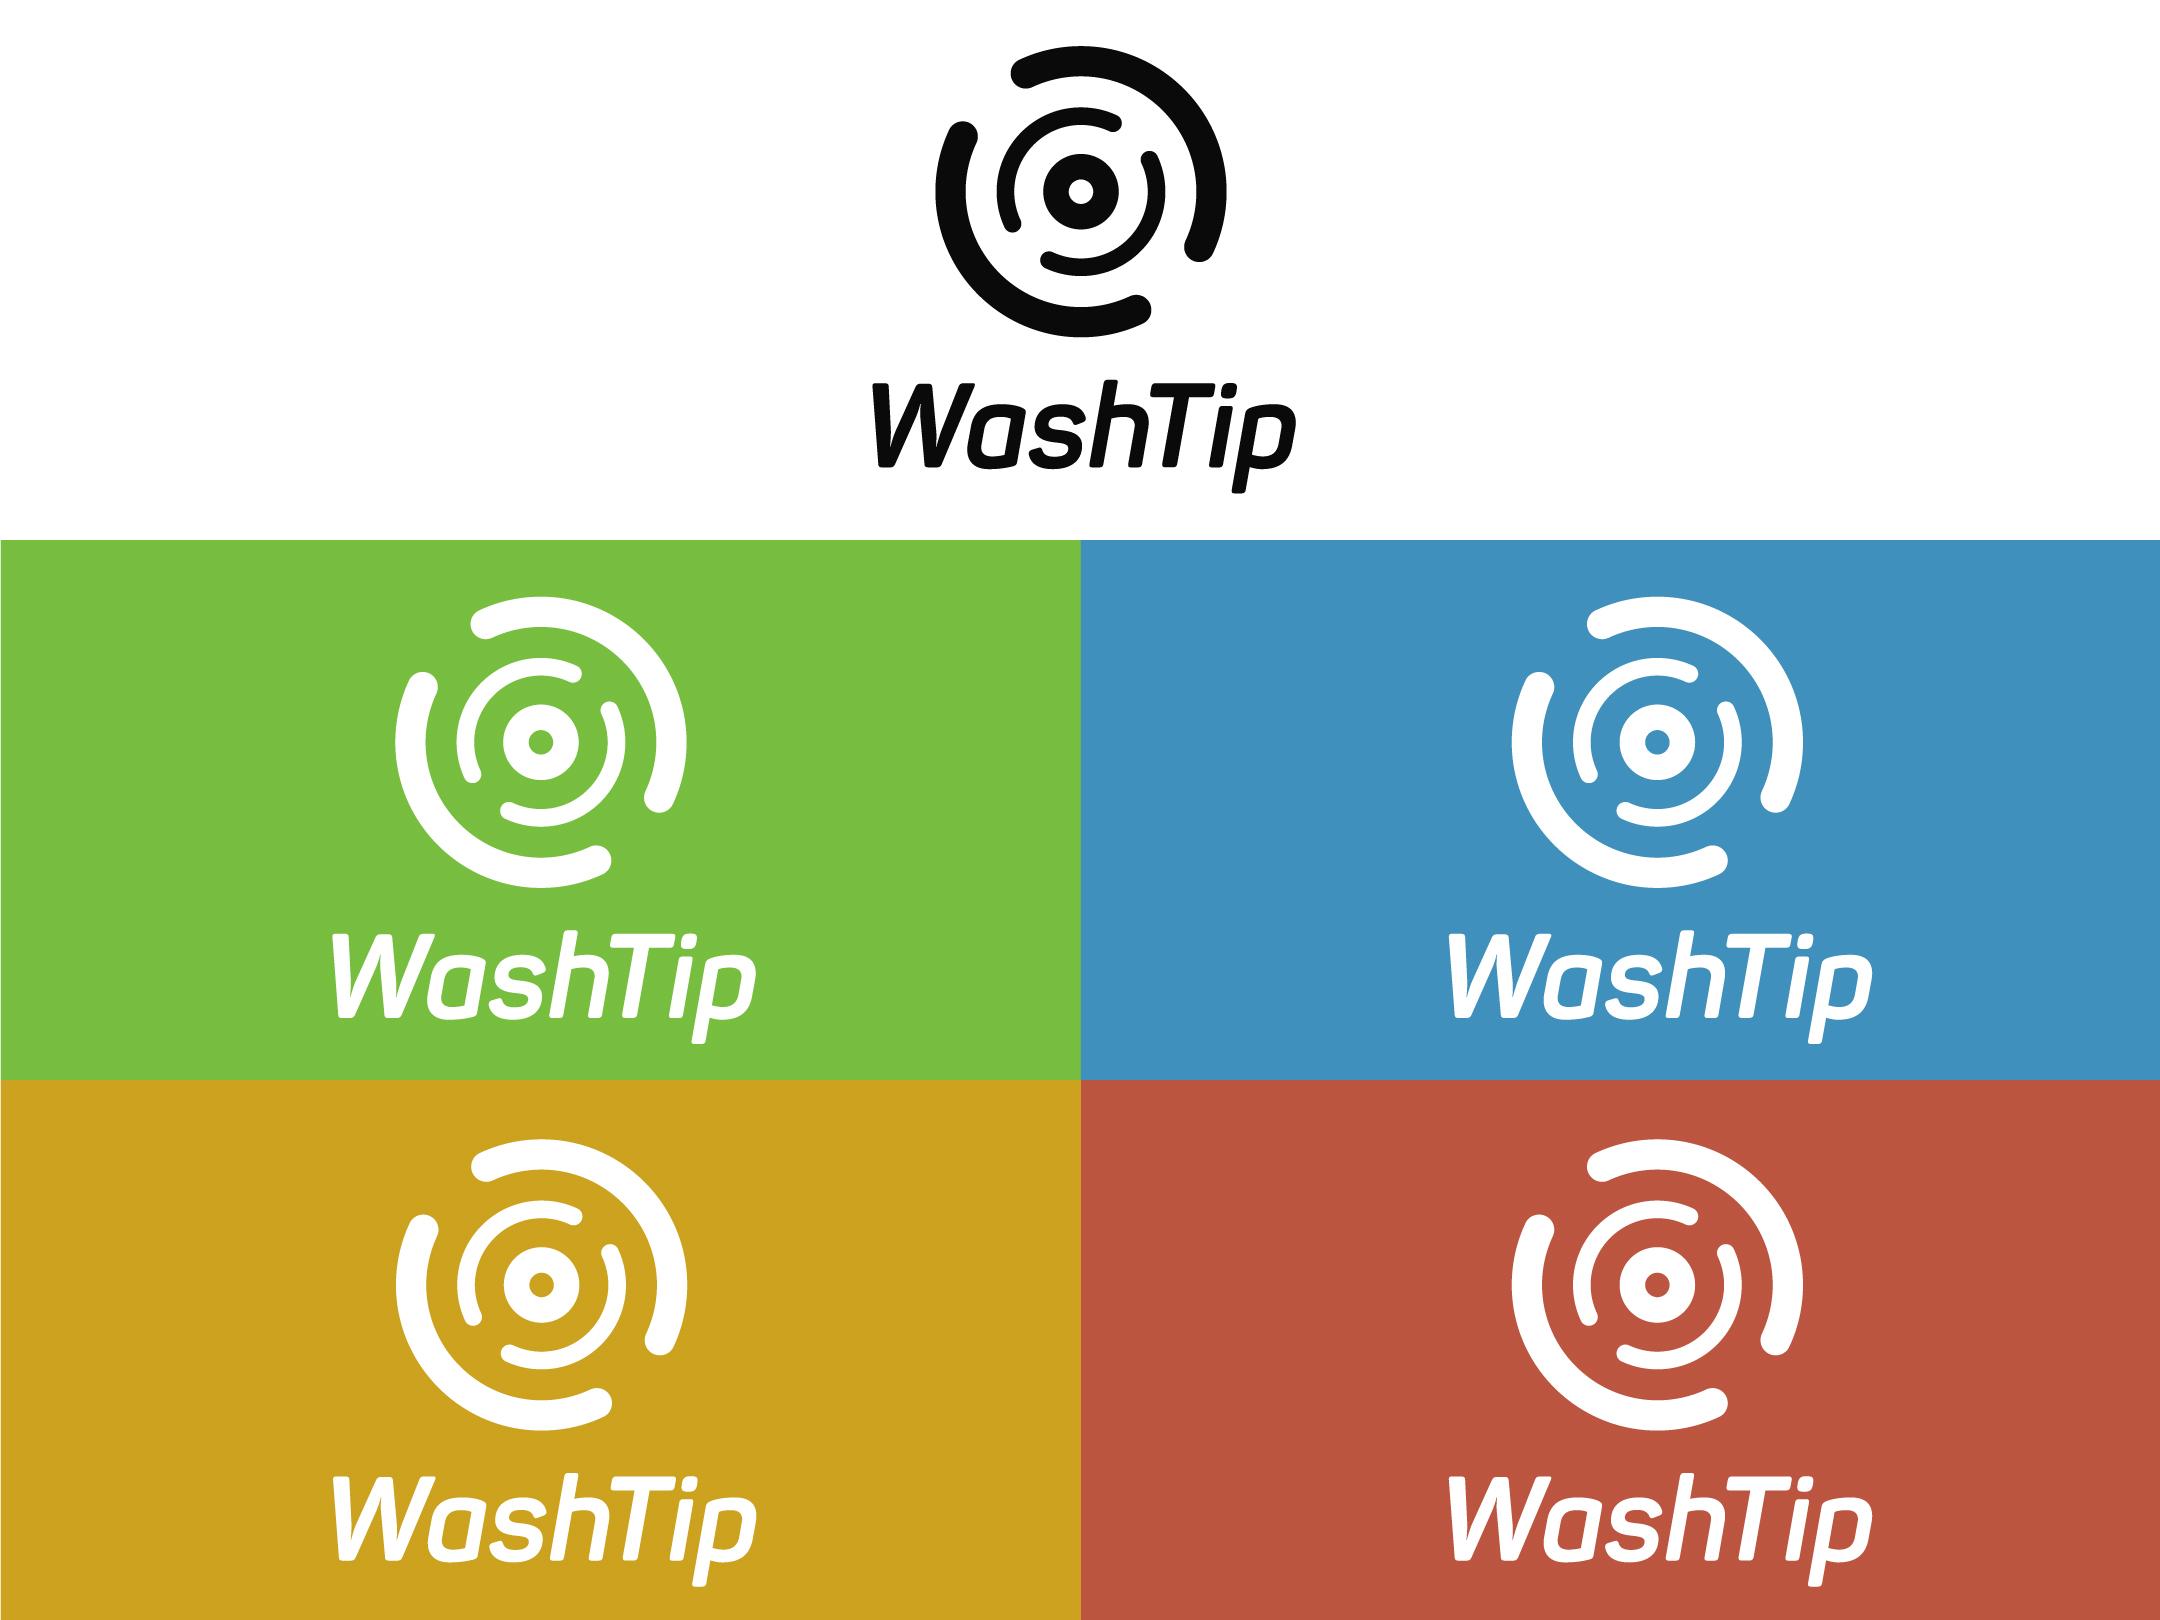 Разработка логотипа для онлайн-сервиса химчистки фото f_9435c0980439df6f.jpg